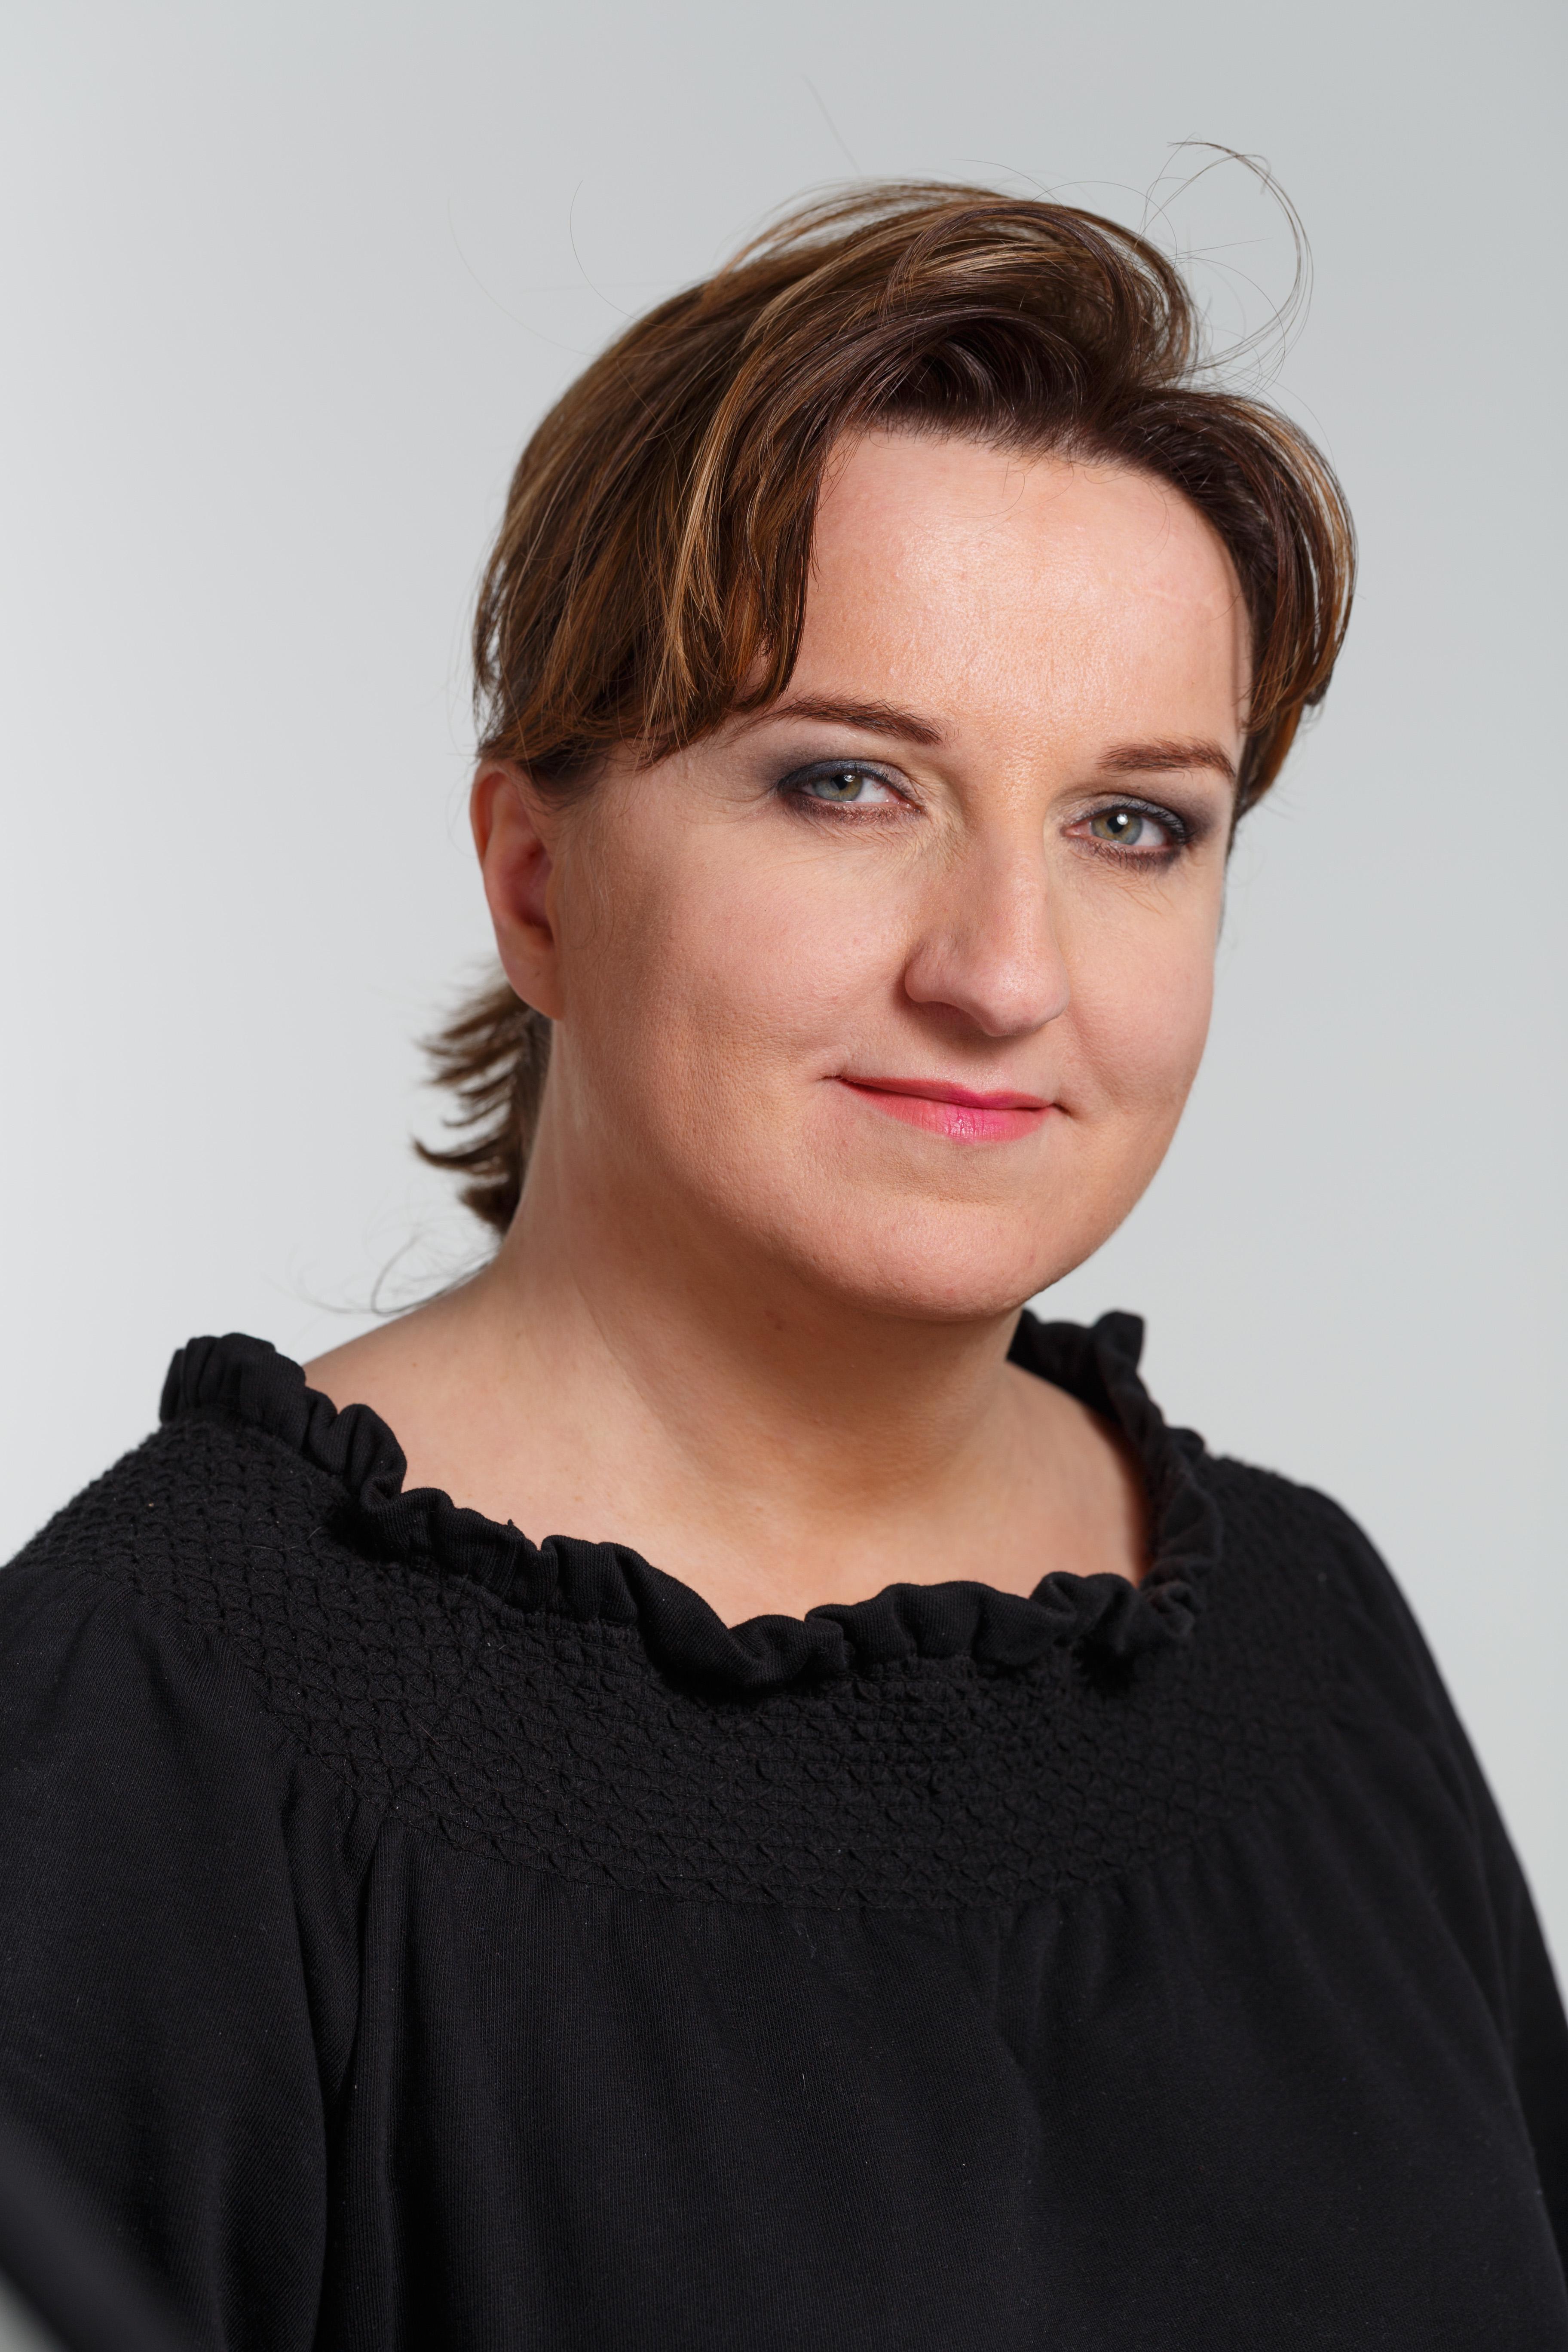 Katarzyna Pawlowska